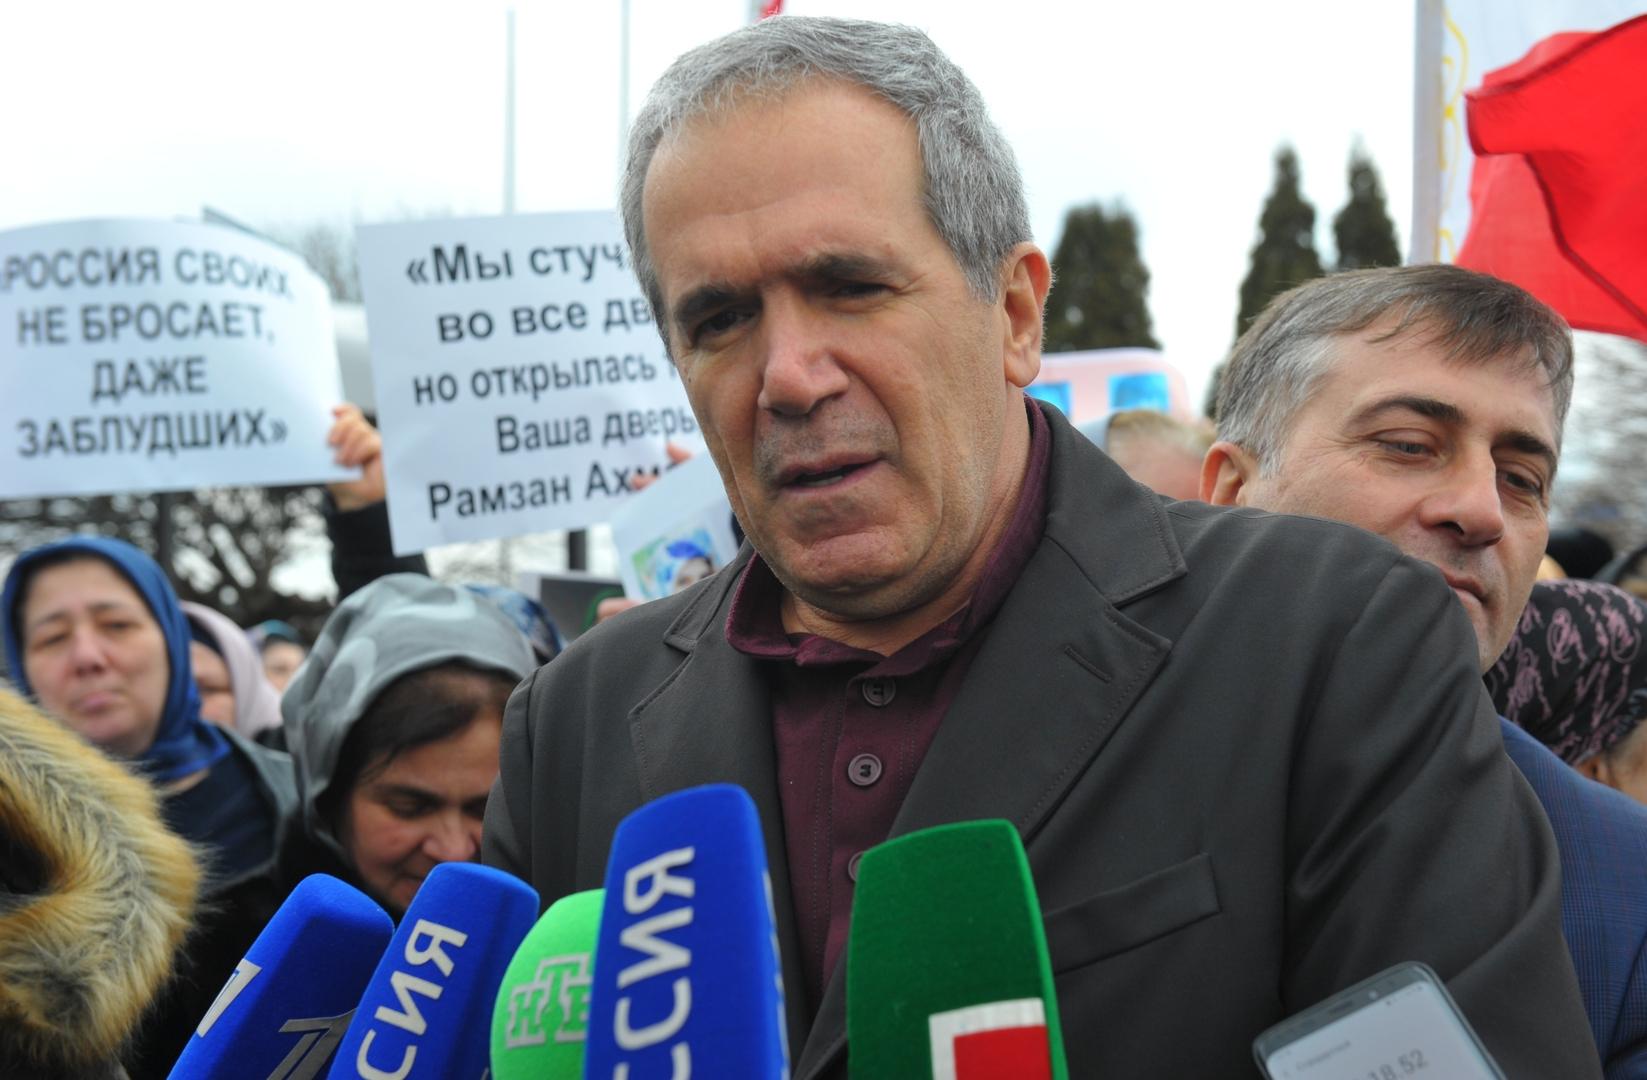 عضو مجلس الاتحاد الروسي من جمهورية الشيشان زياد سبسبي